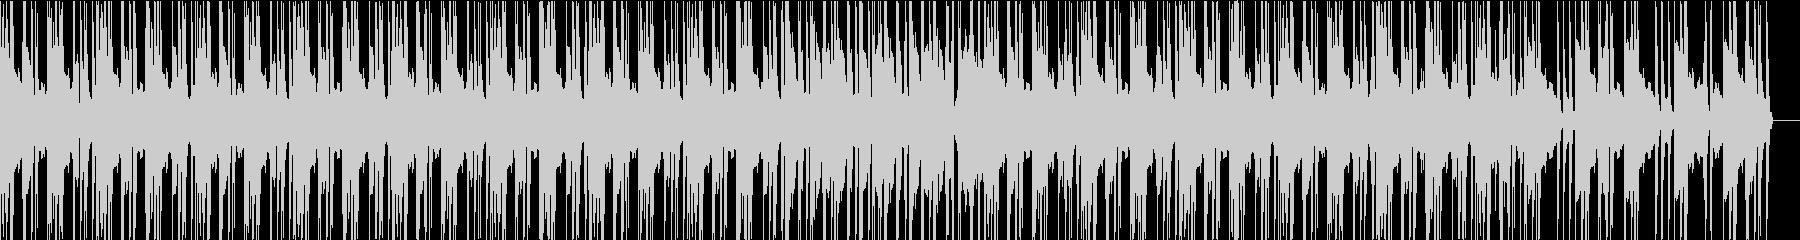 ヒップホップでジャジーなBGMの未再生の波形